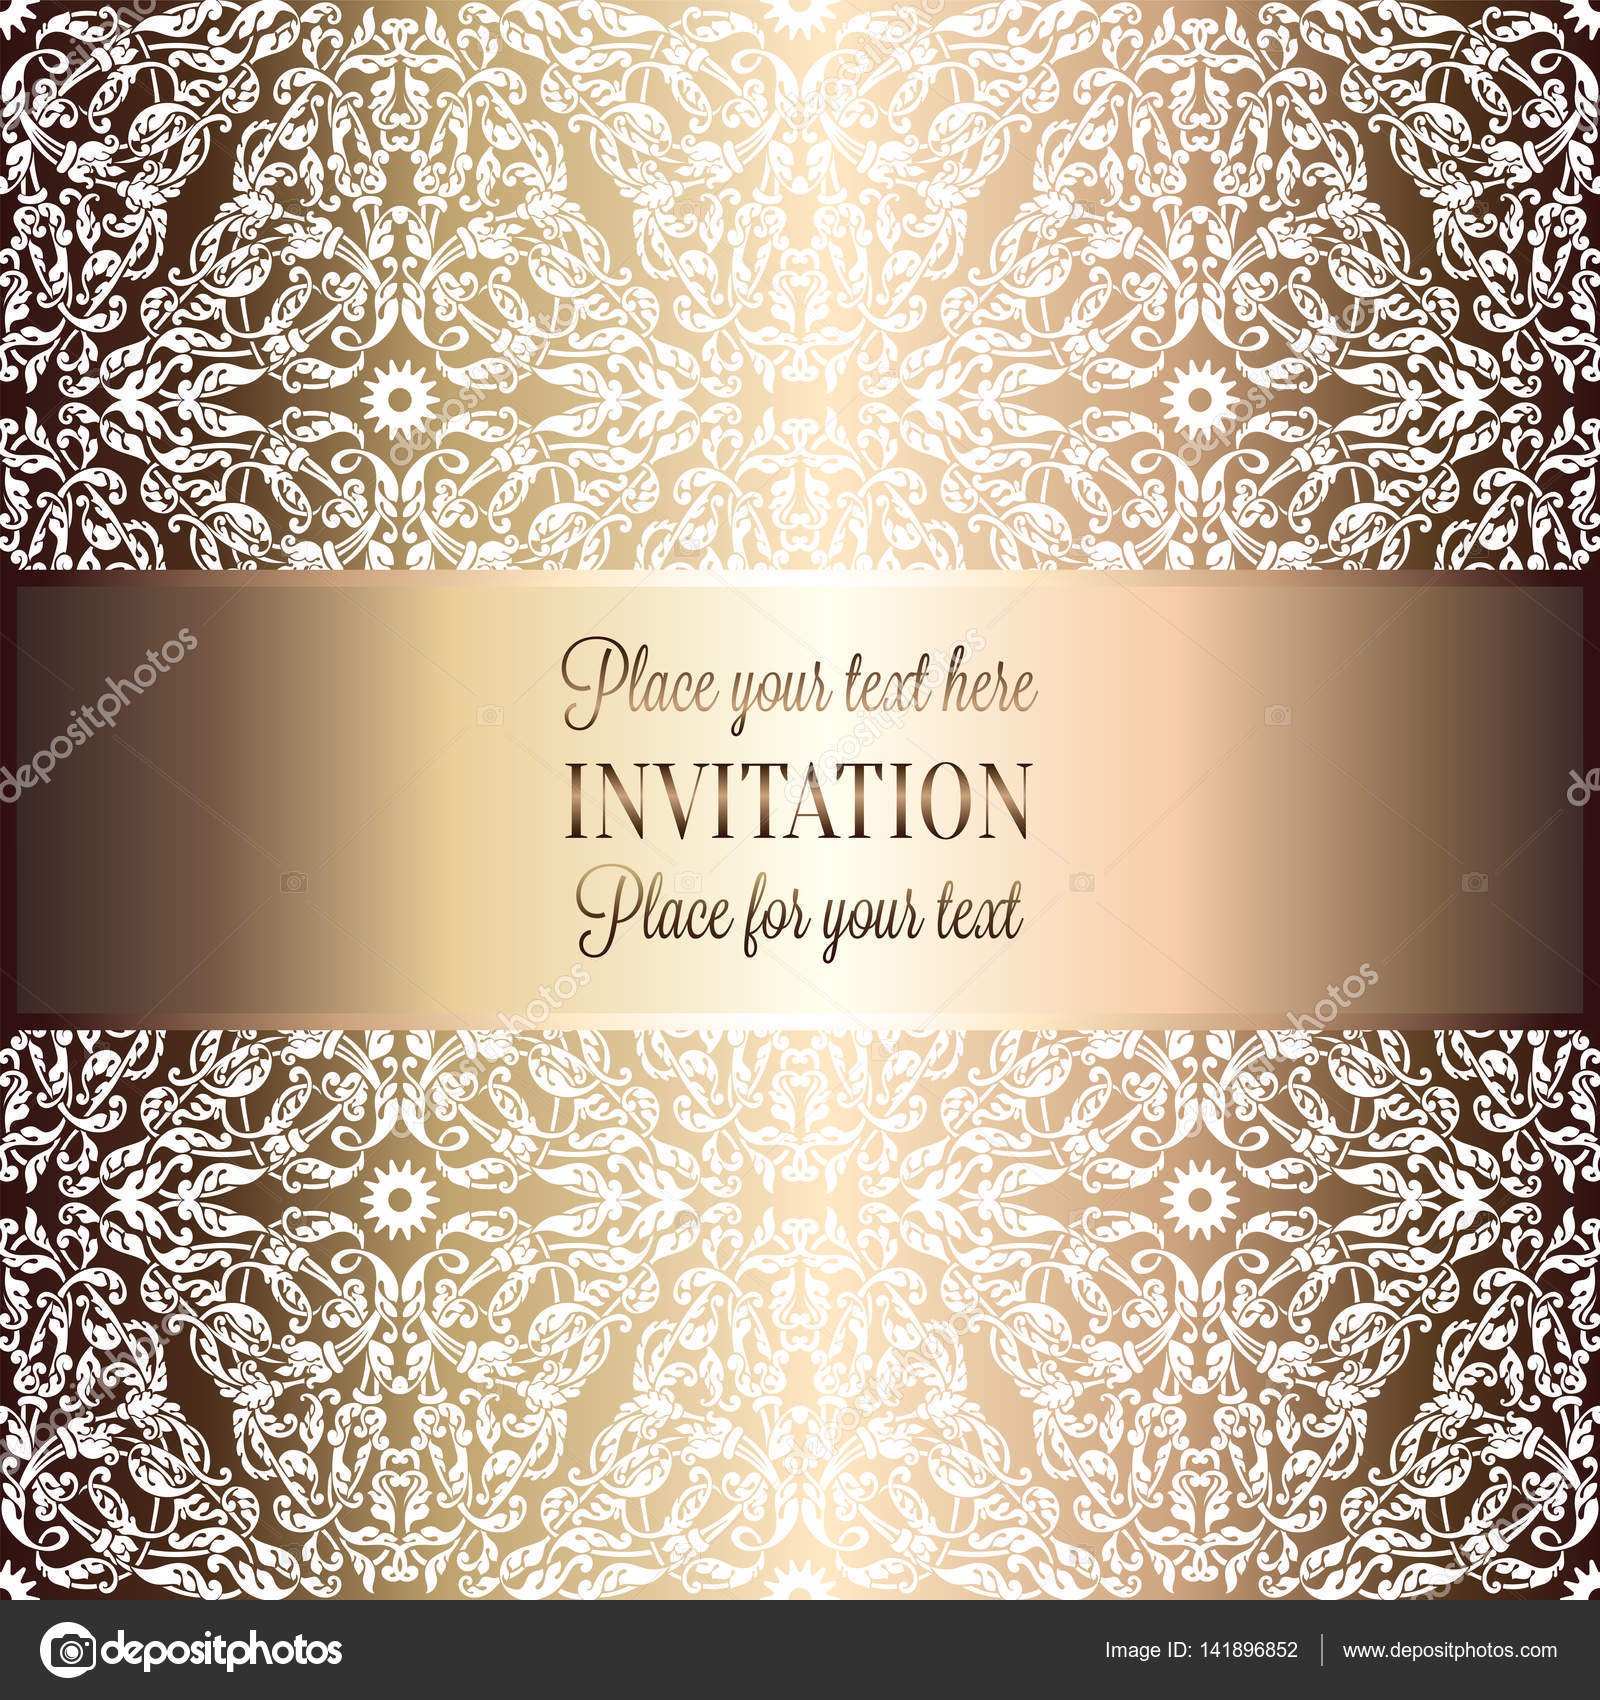 fondo barroco antiguo beige de lujo y metal oro marco vintage victorian banner damasco ornamentos de papel tapiz floral invitacin folleto de estilo